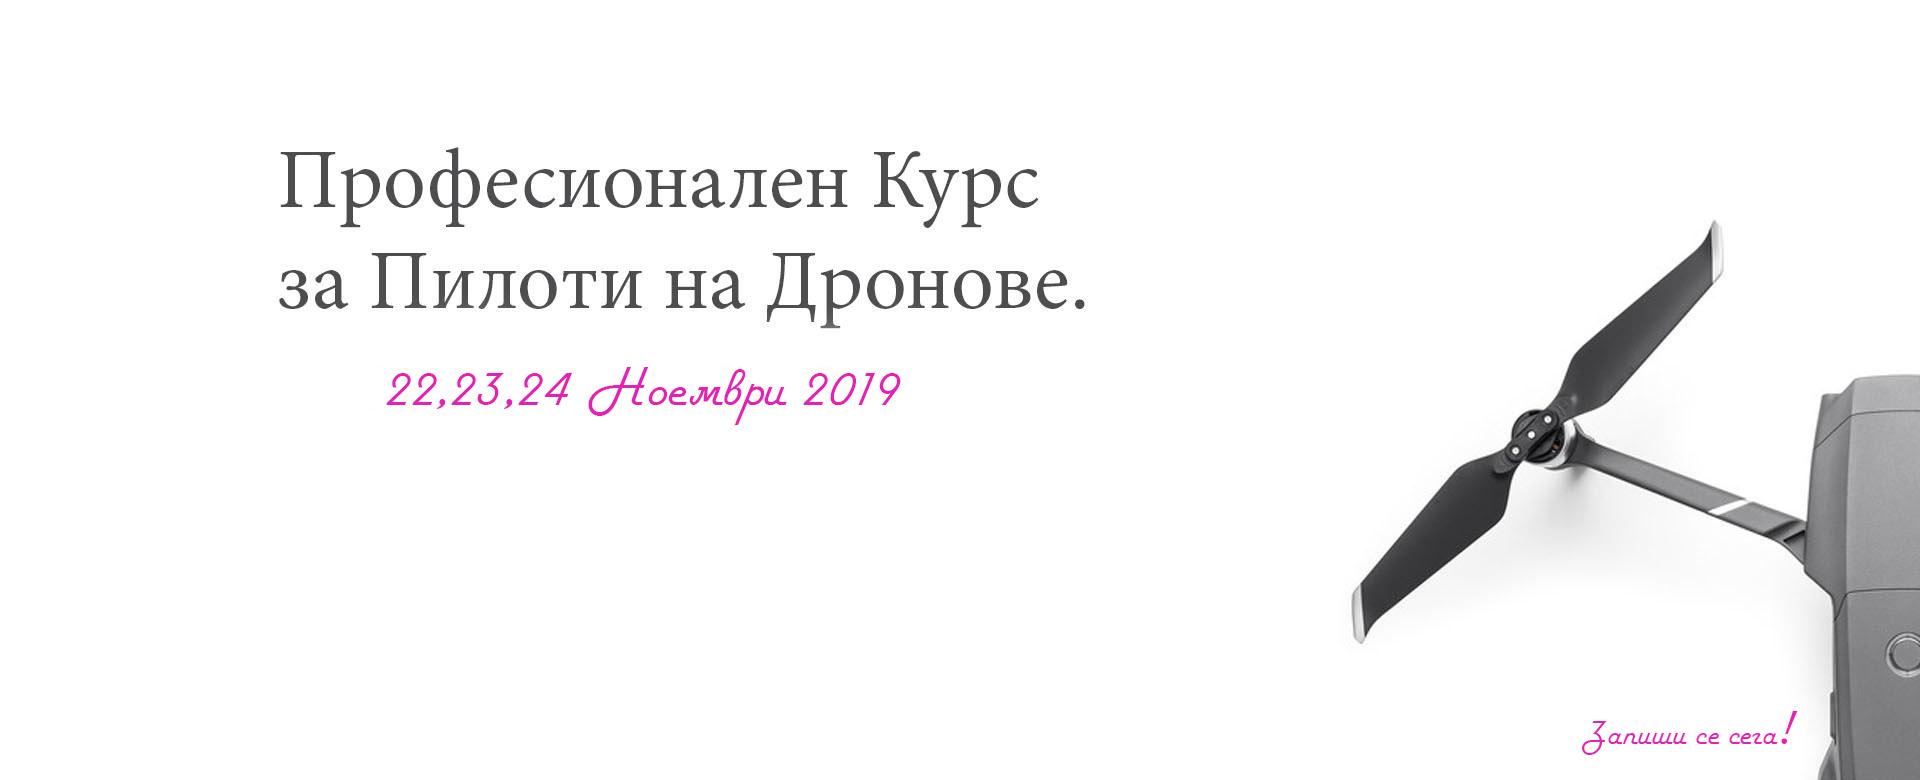 Курс за пилоти на дронове - 22,23,24 Ноември 2019